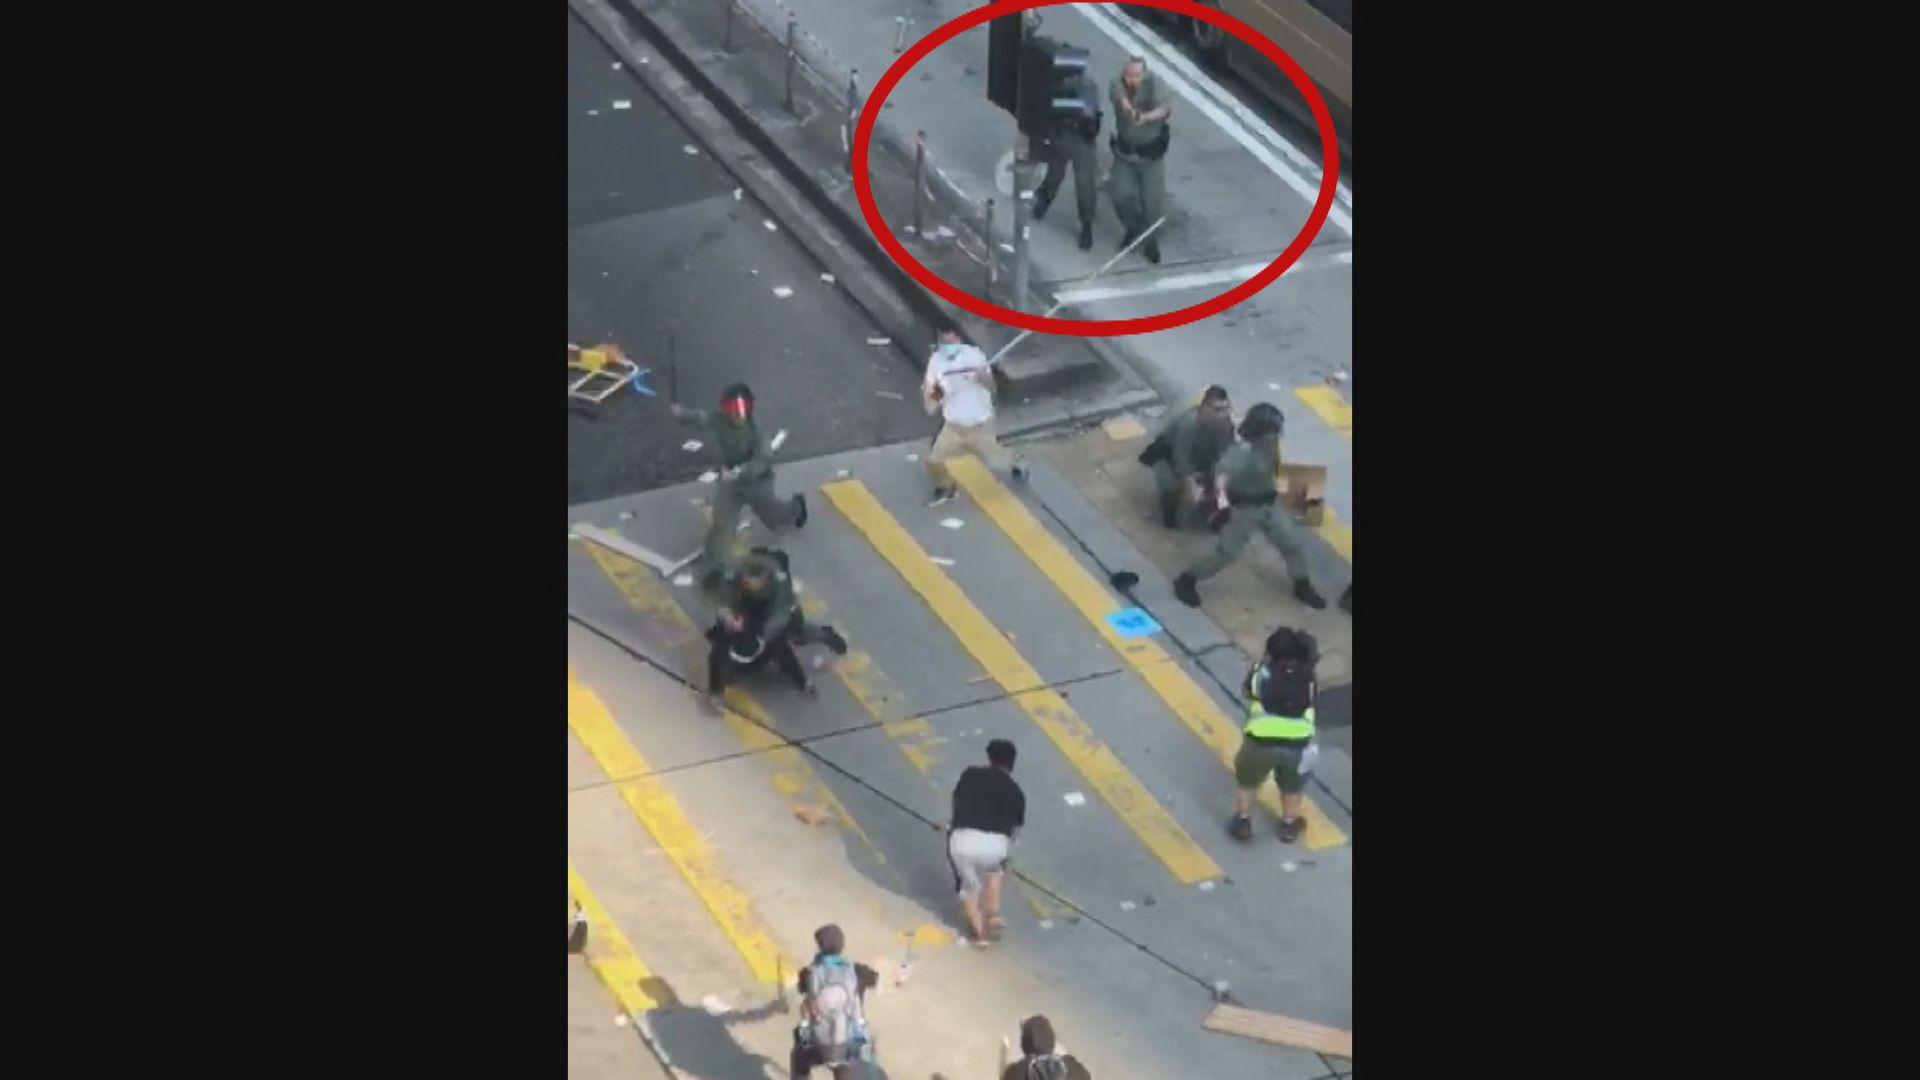 警員油麻地被示威者襲擊 開兩槍實彈示警